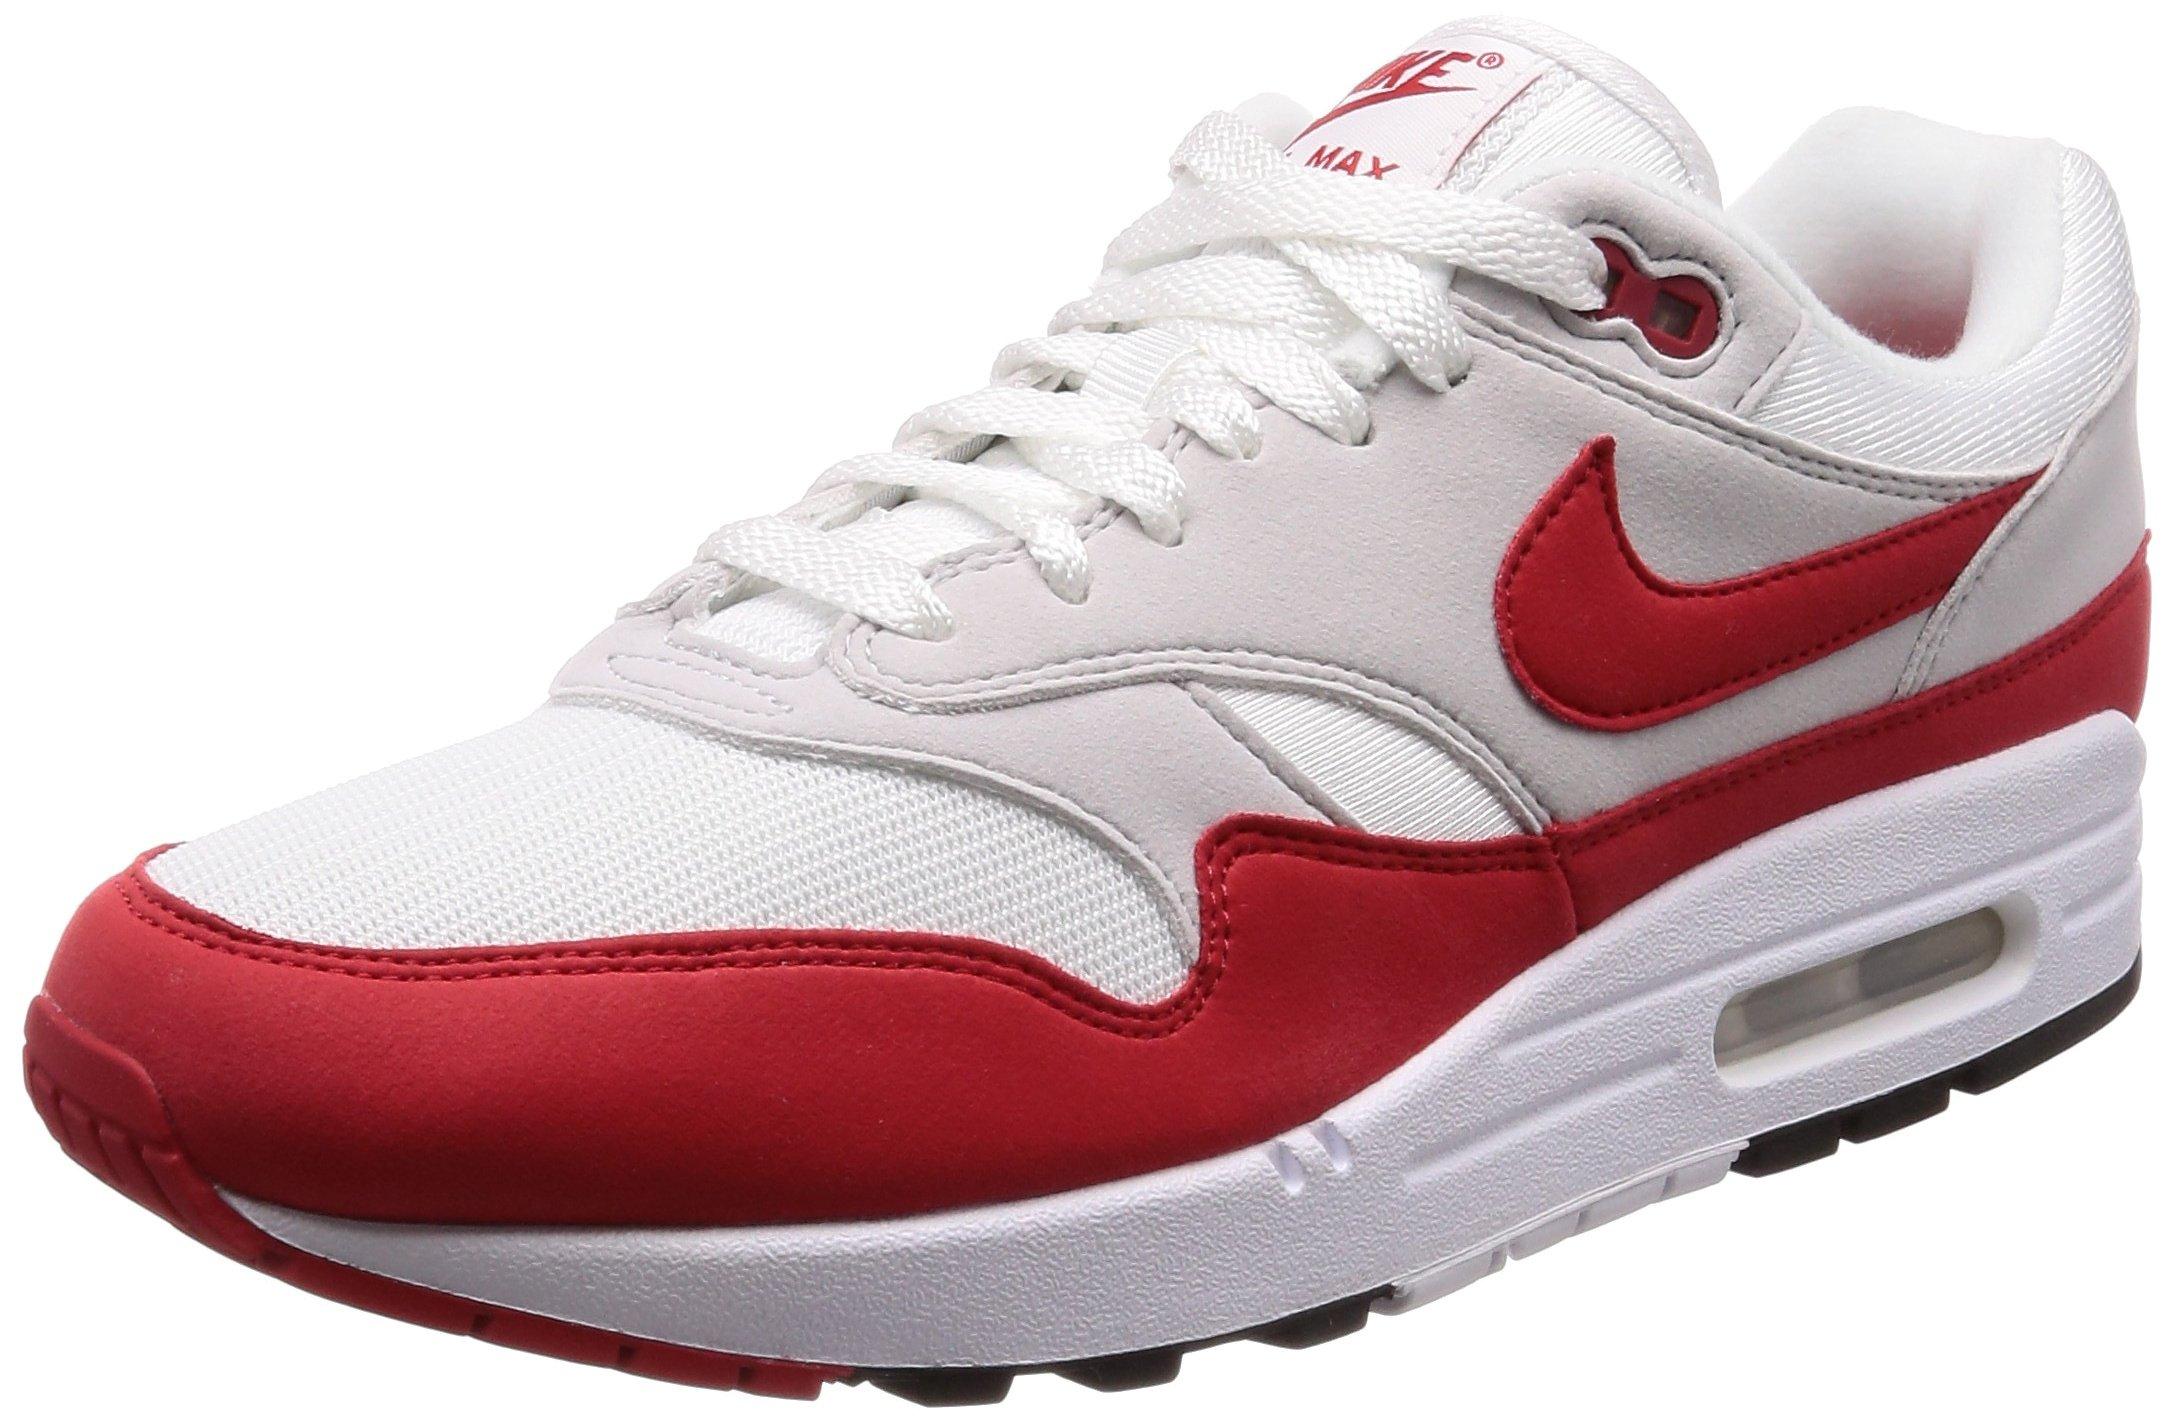 Nike AIR MAX 1 Anniversary Mens Sneakers